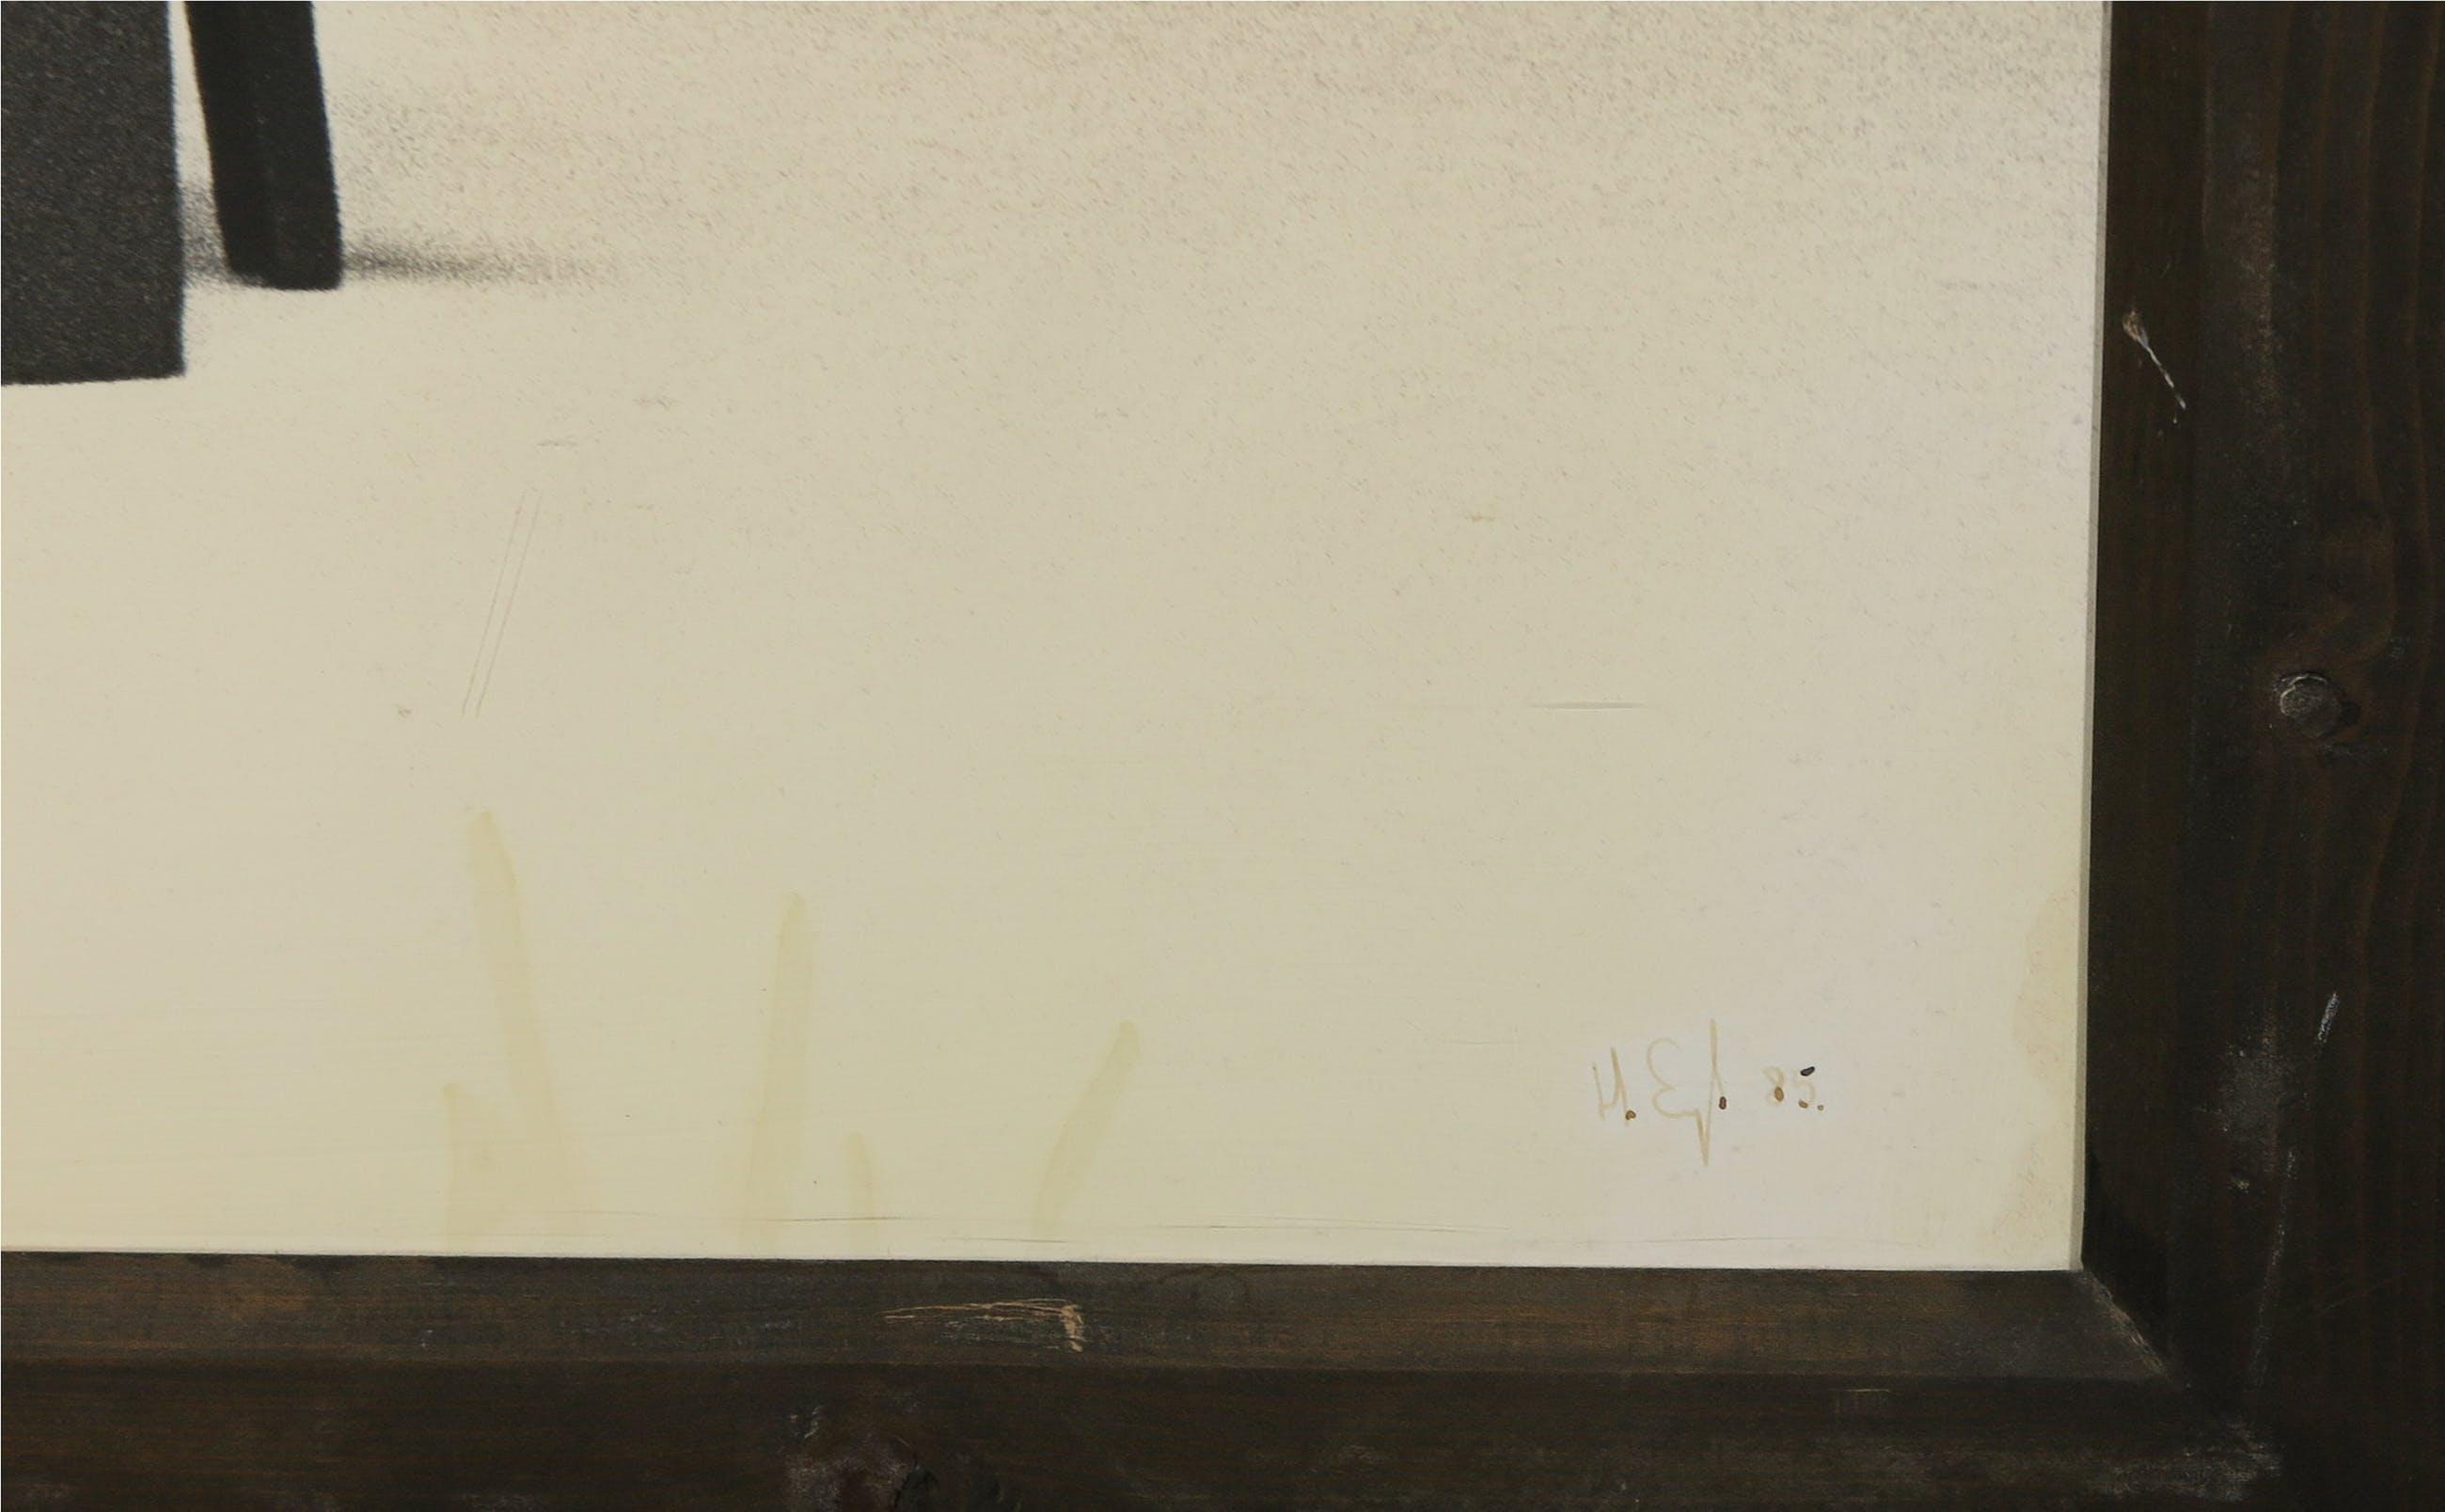 Hans Eijkelboom - Foto, Tafel met rechthoekige struktuur - Ingelijst (Groot) kopen? Bied vanaf 1!